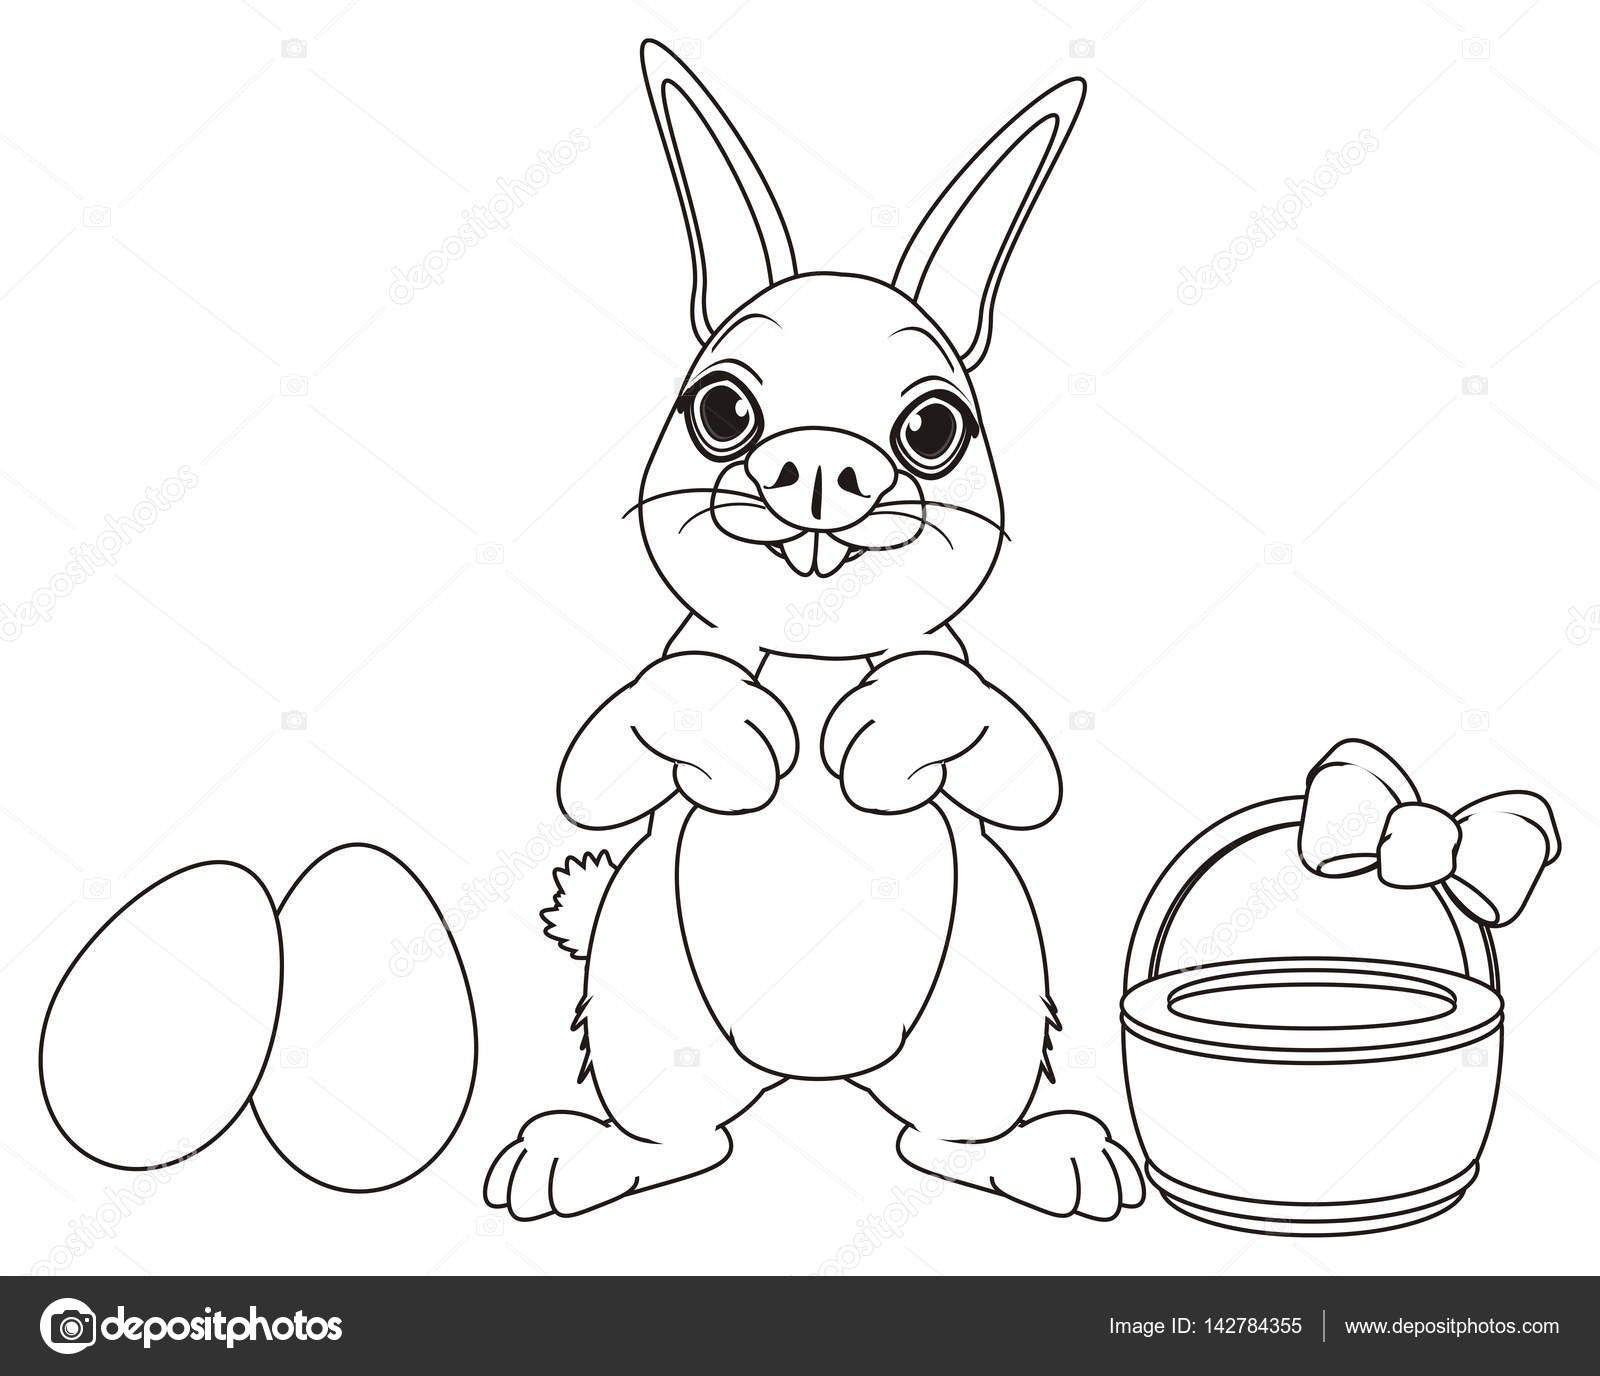 Frisch Osterhase Mit Korb Malvorlage Farbung Malvorlagen Malvorlagenfurkinder Osterhase Malvorlagen Hase